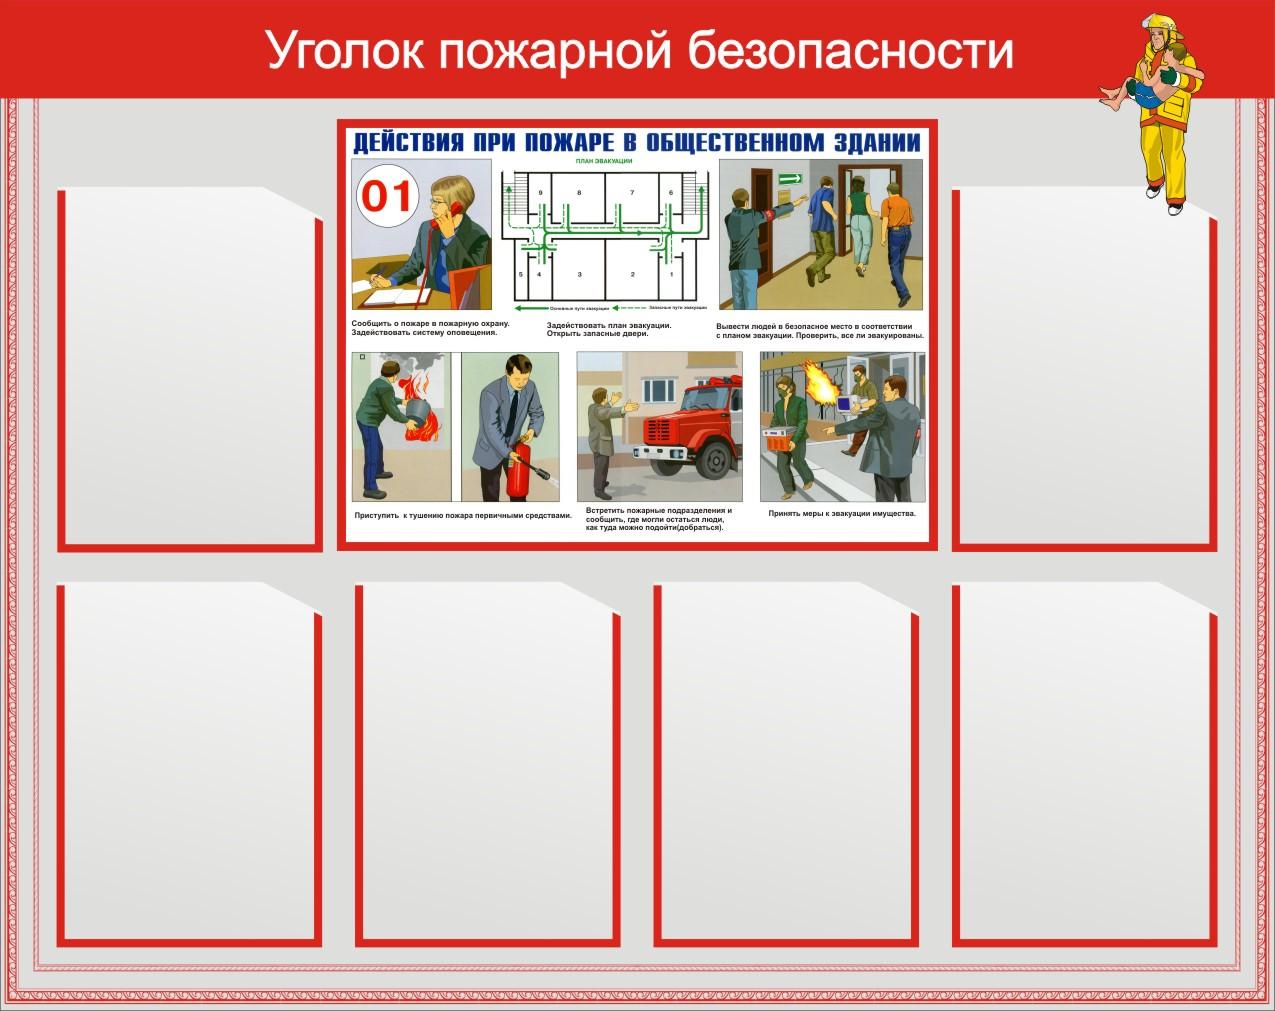 Основные документы размещаются для общего доступа на стендах пожарной безопасности.